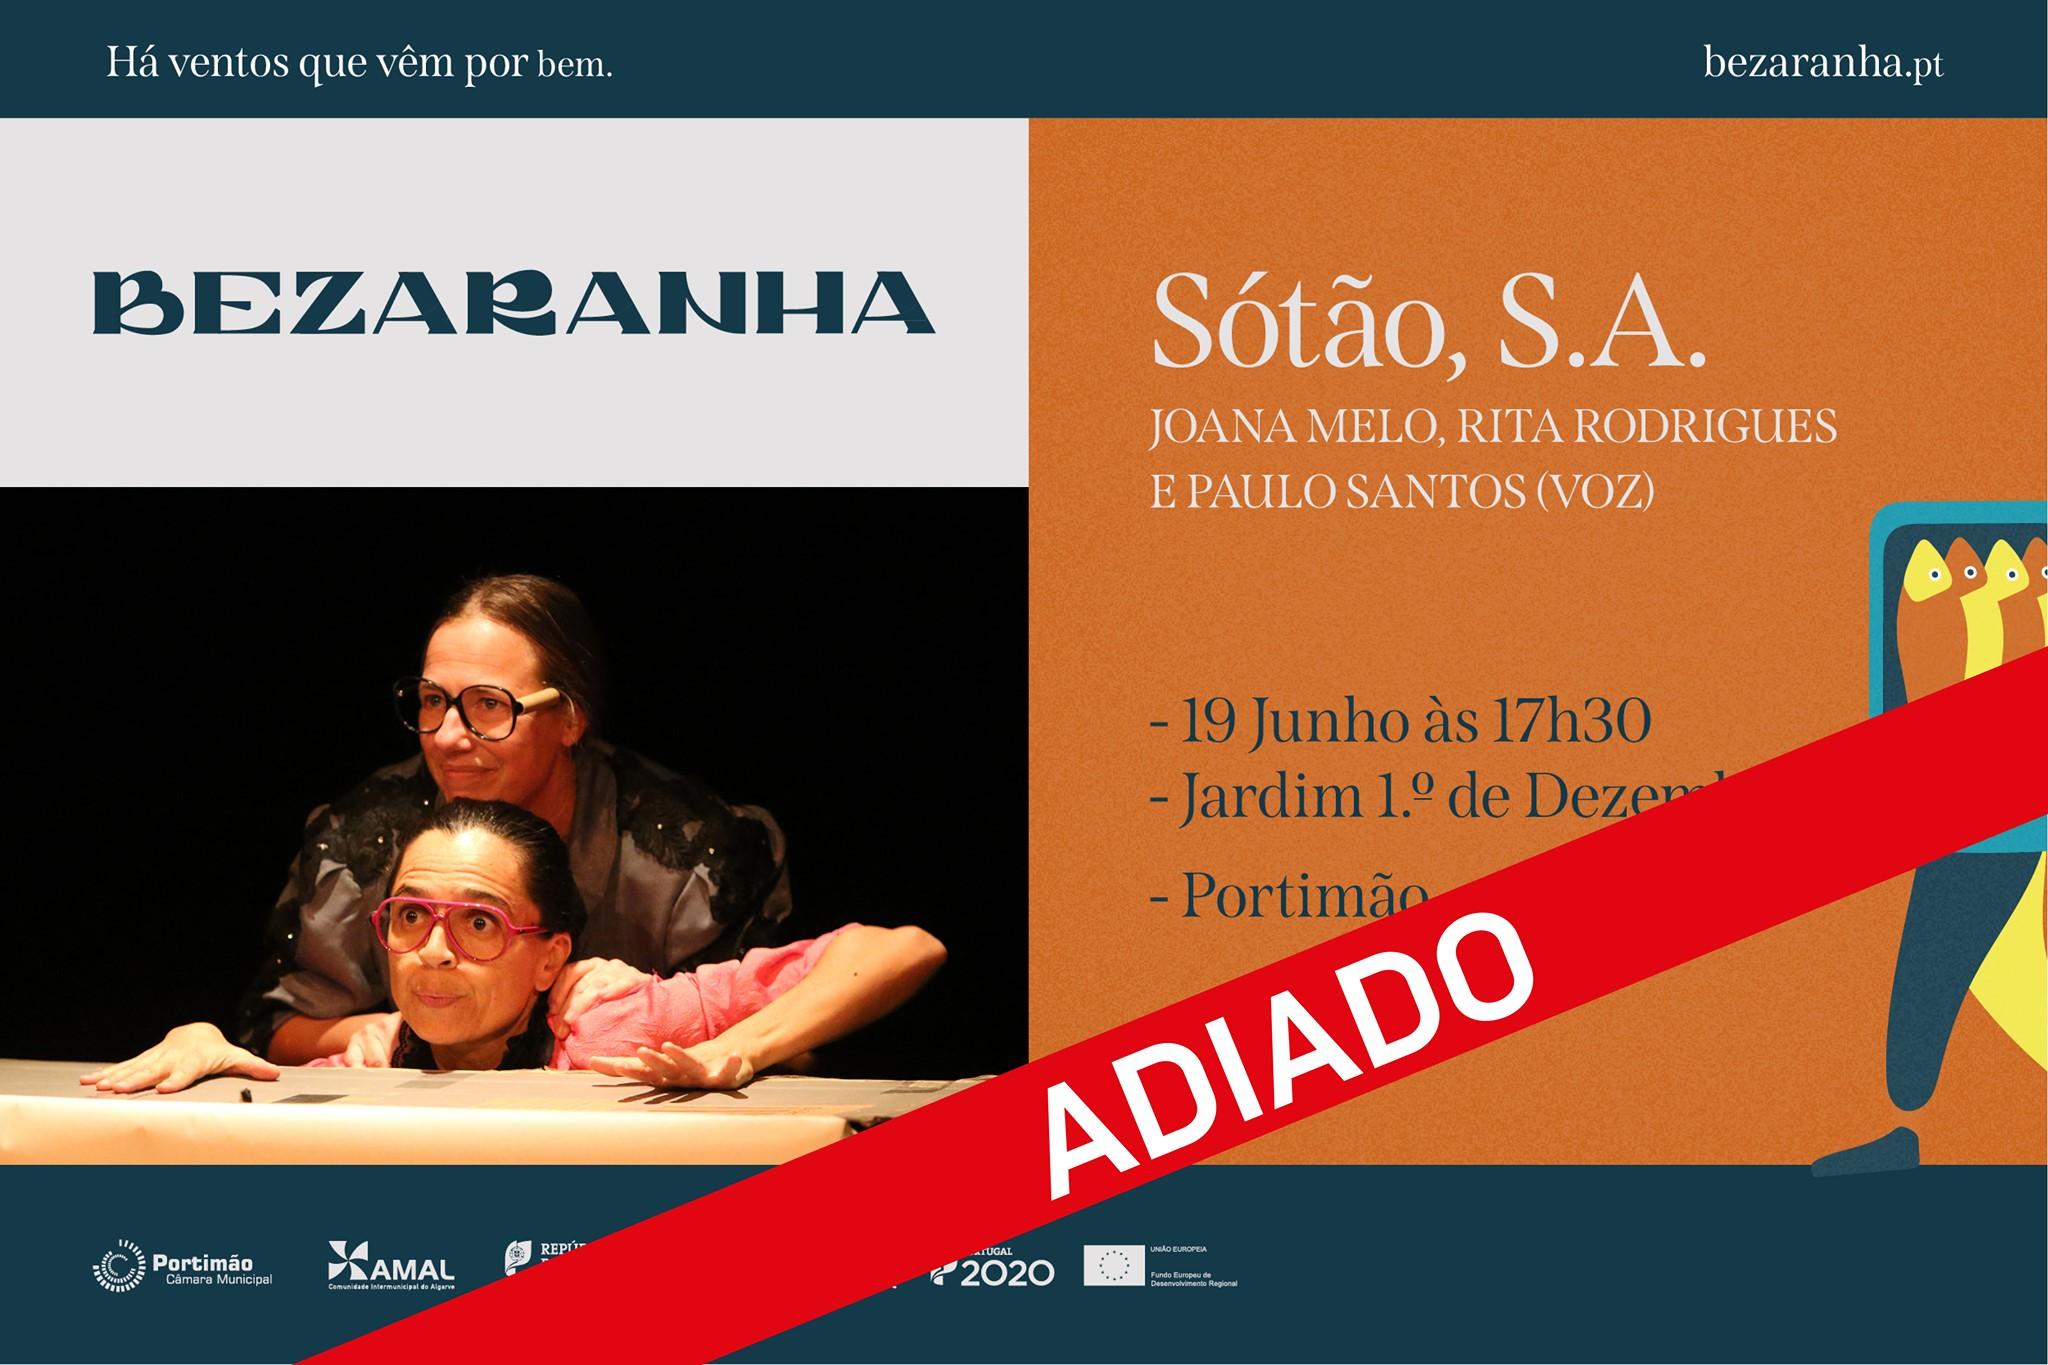 ADIADO // Sótão, S.A.